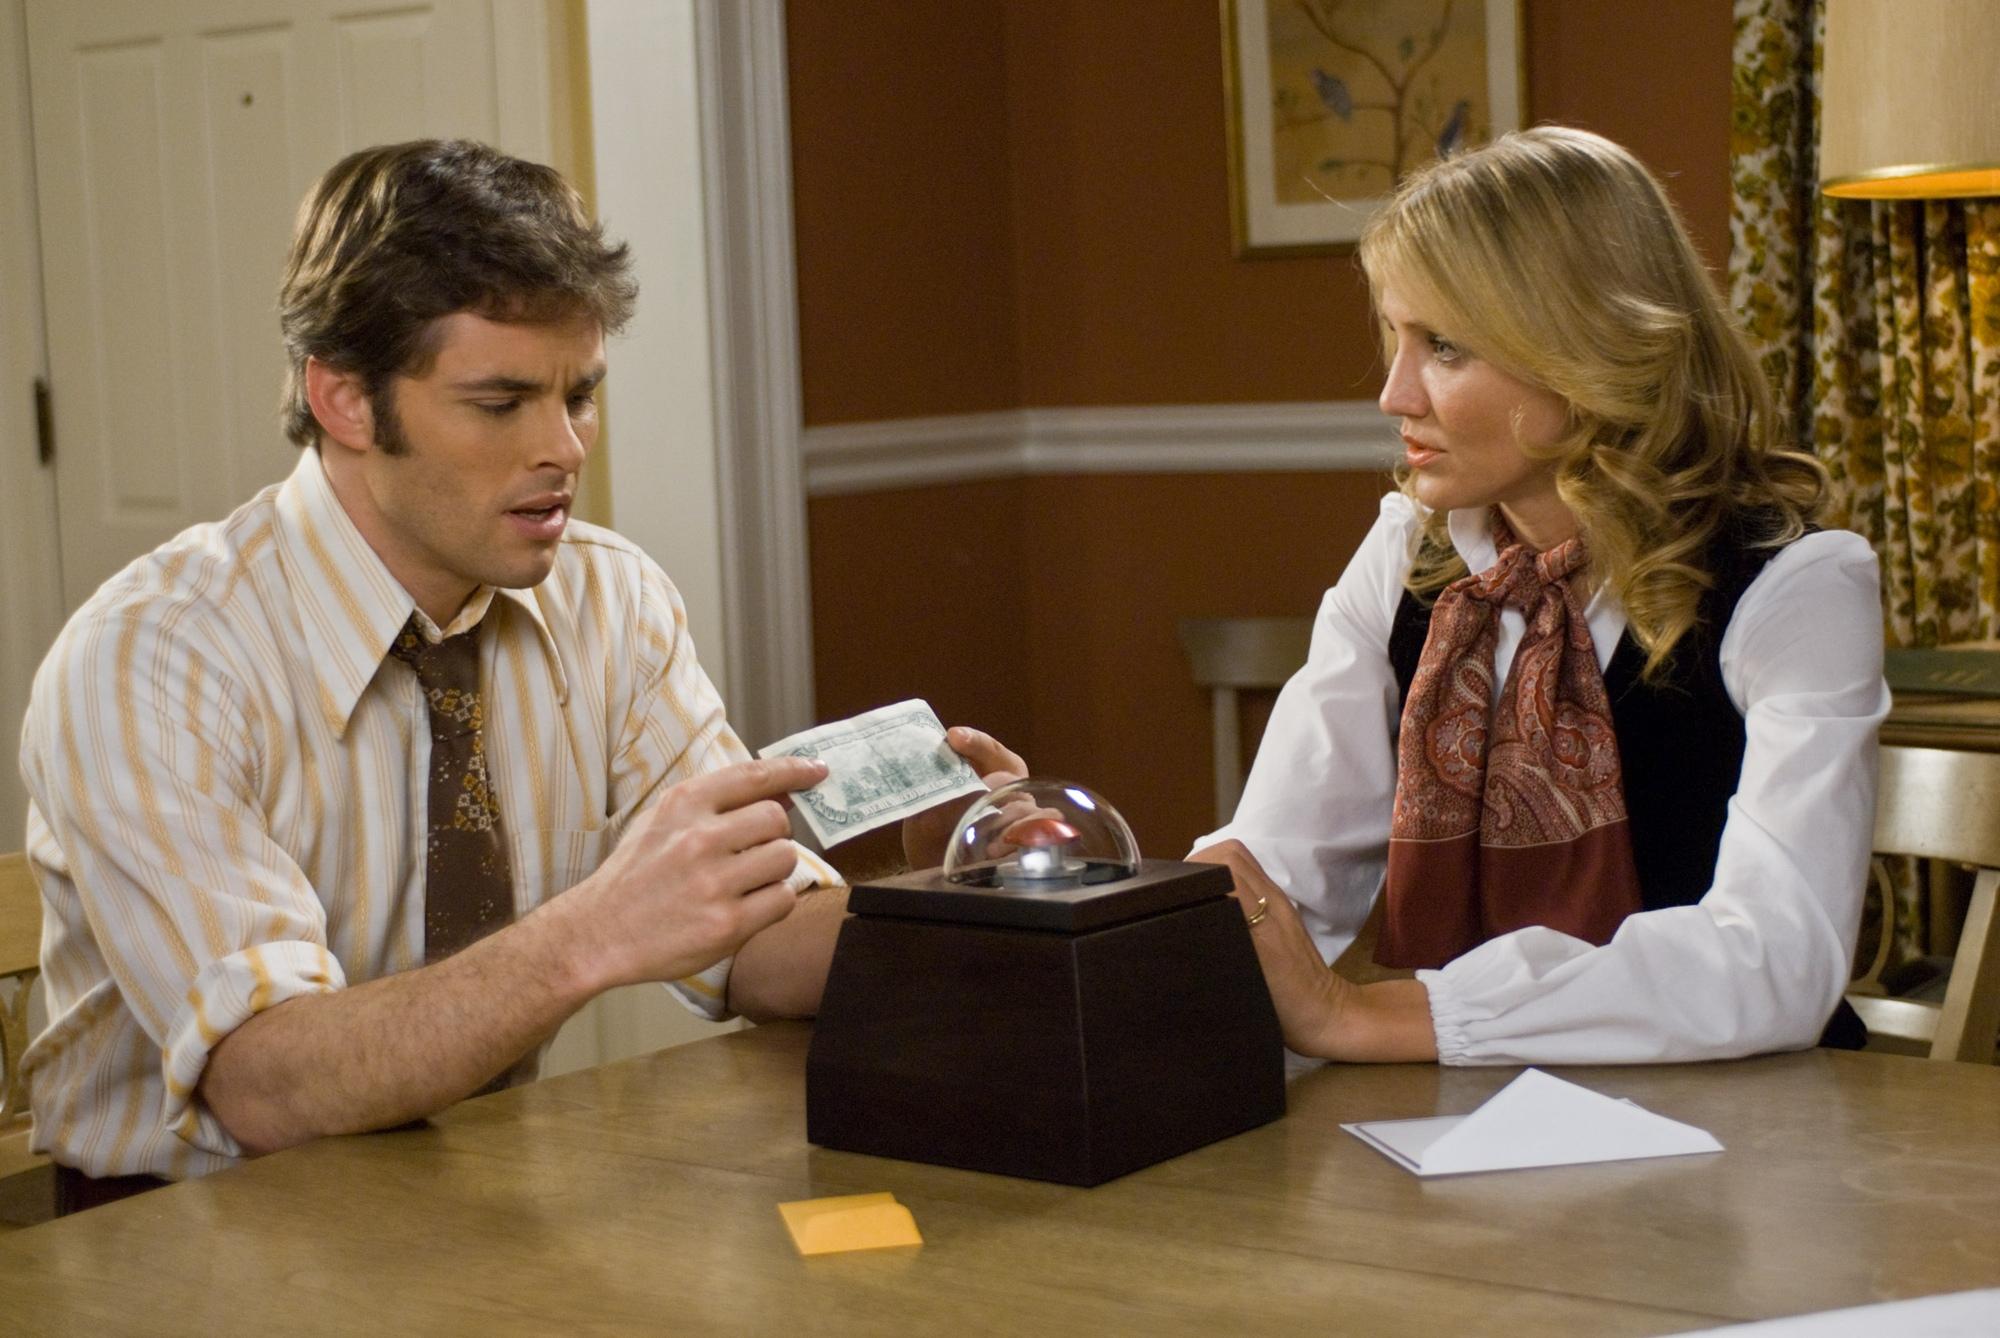 richard kelly s the box in september 2009 film